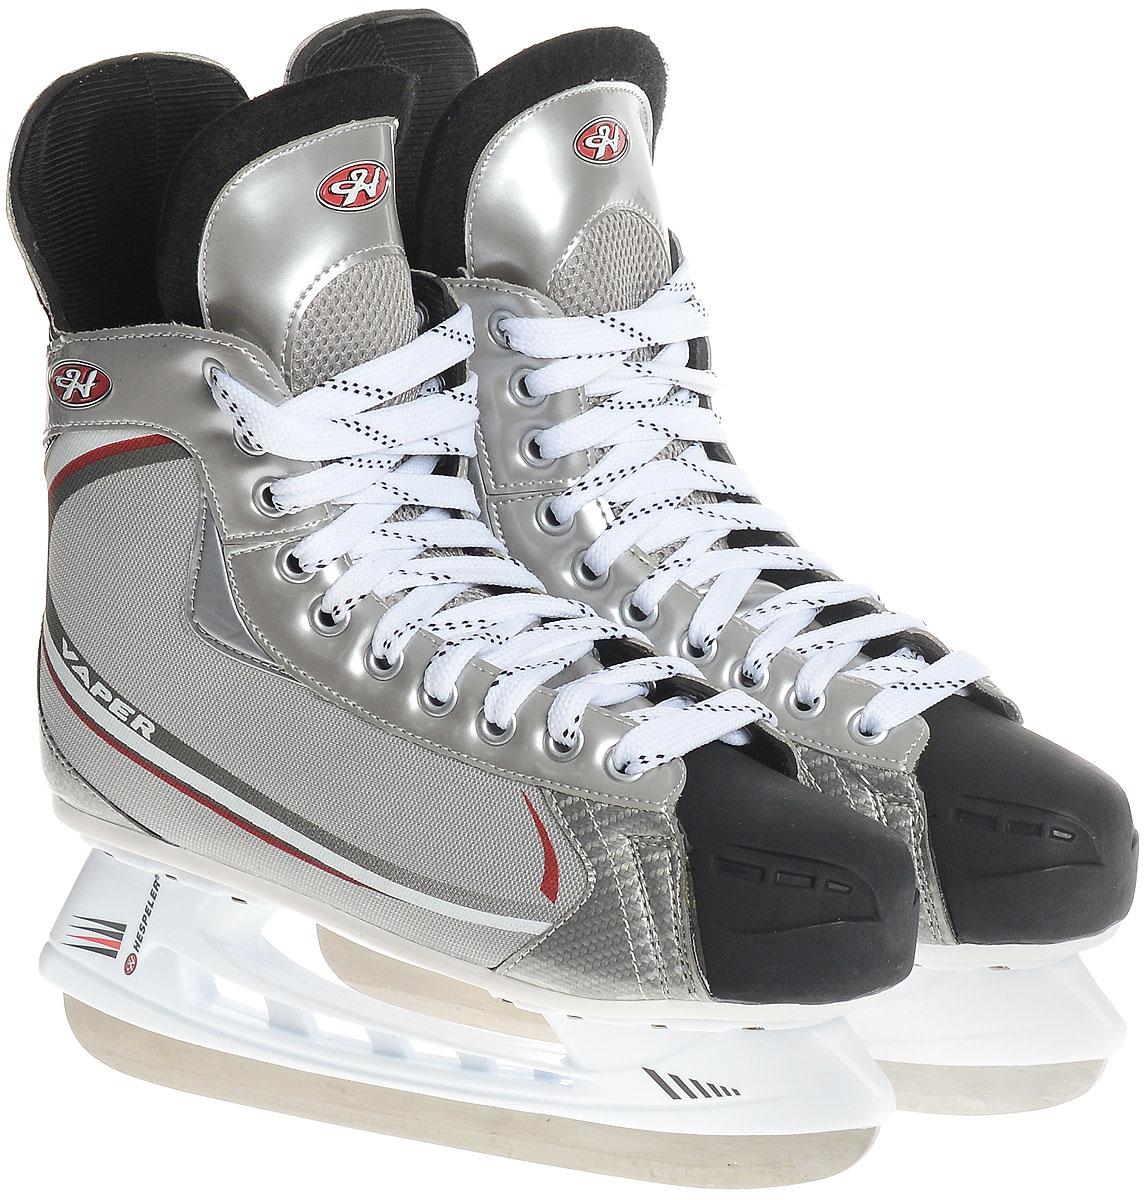 Коньки хоккейные мужские Hespeler Vaper, цвет: серый, белый, красный. Размер 43